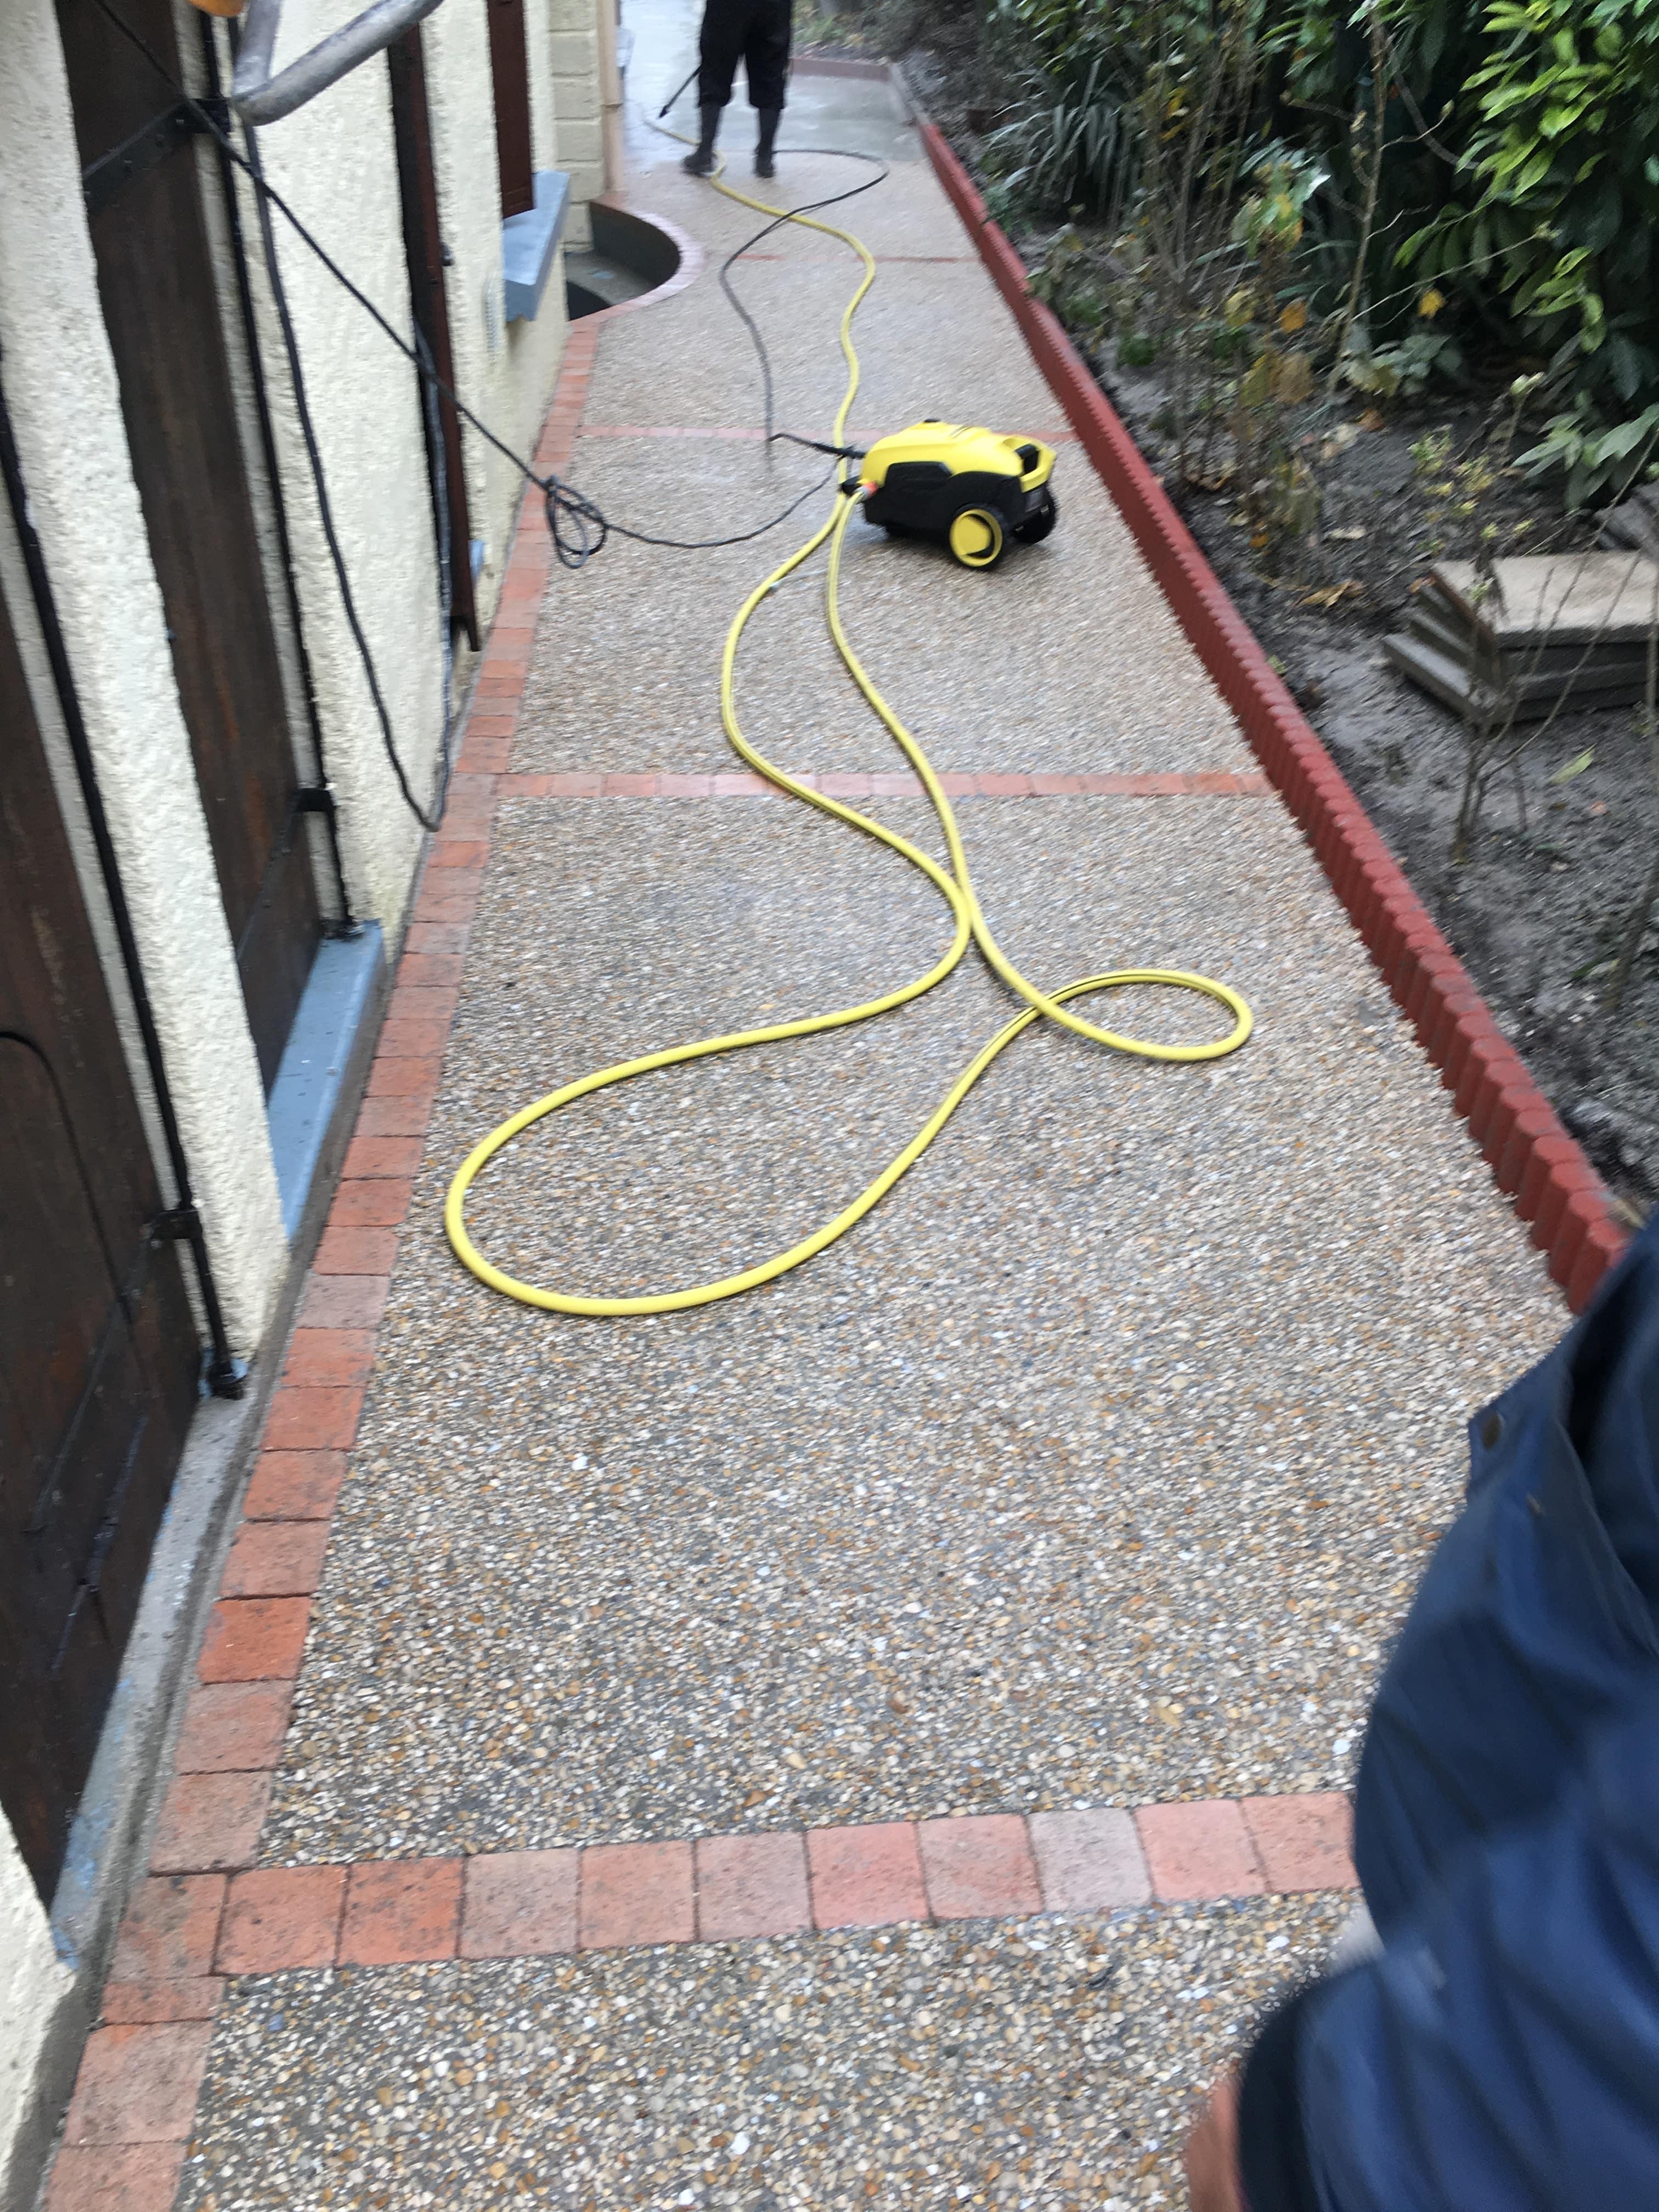 travaux-de-renovation-beton-decoratif-lave-desactive-graviers-galets-demolition-amenagement-exterieur-6-maghawry-texas-batiment-rge-min